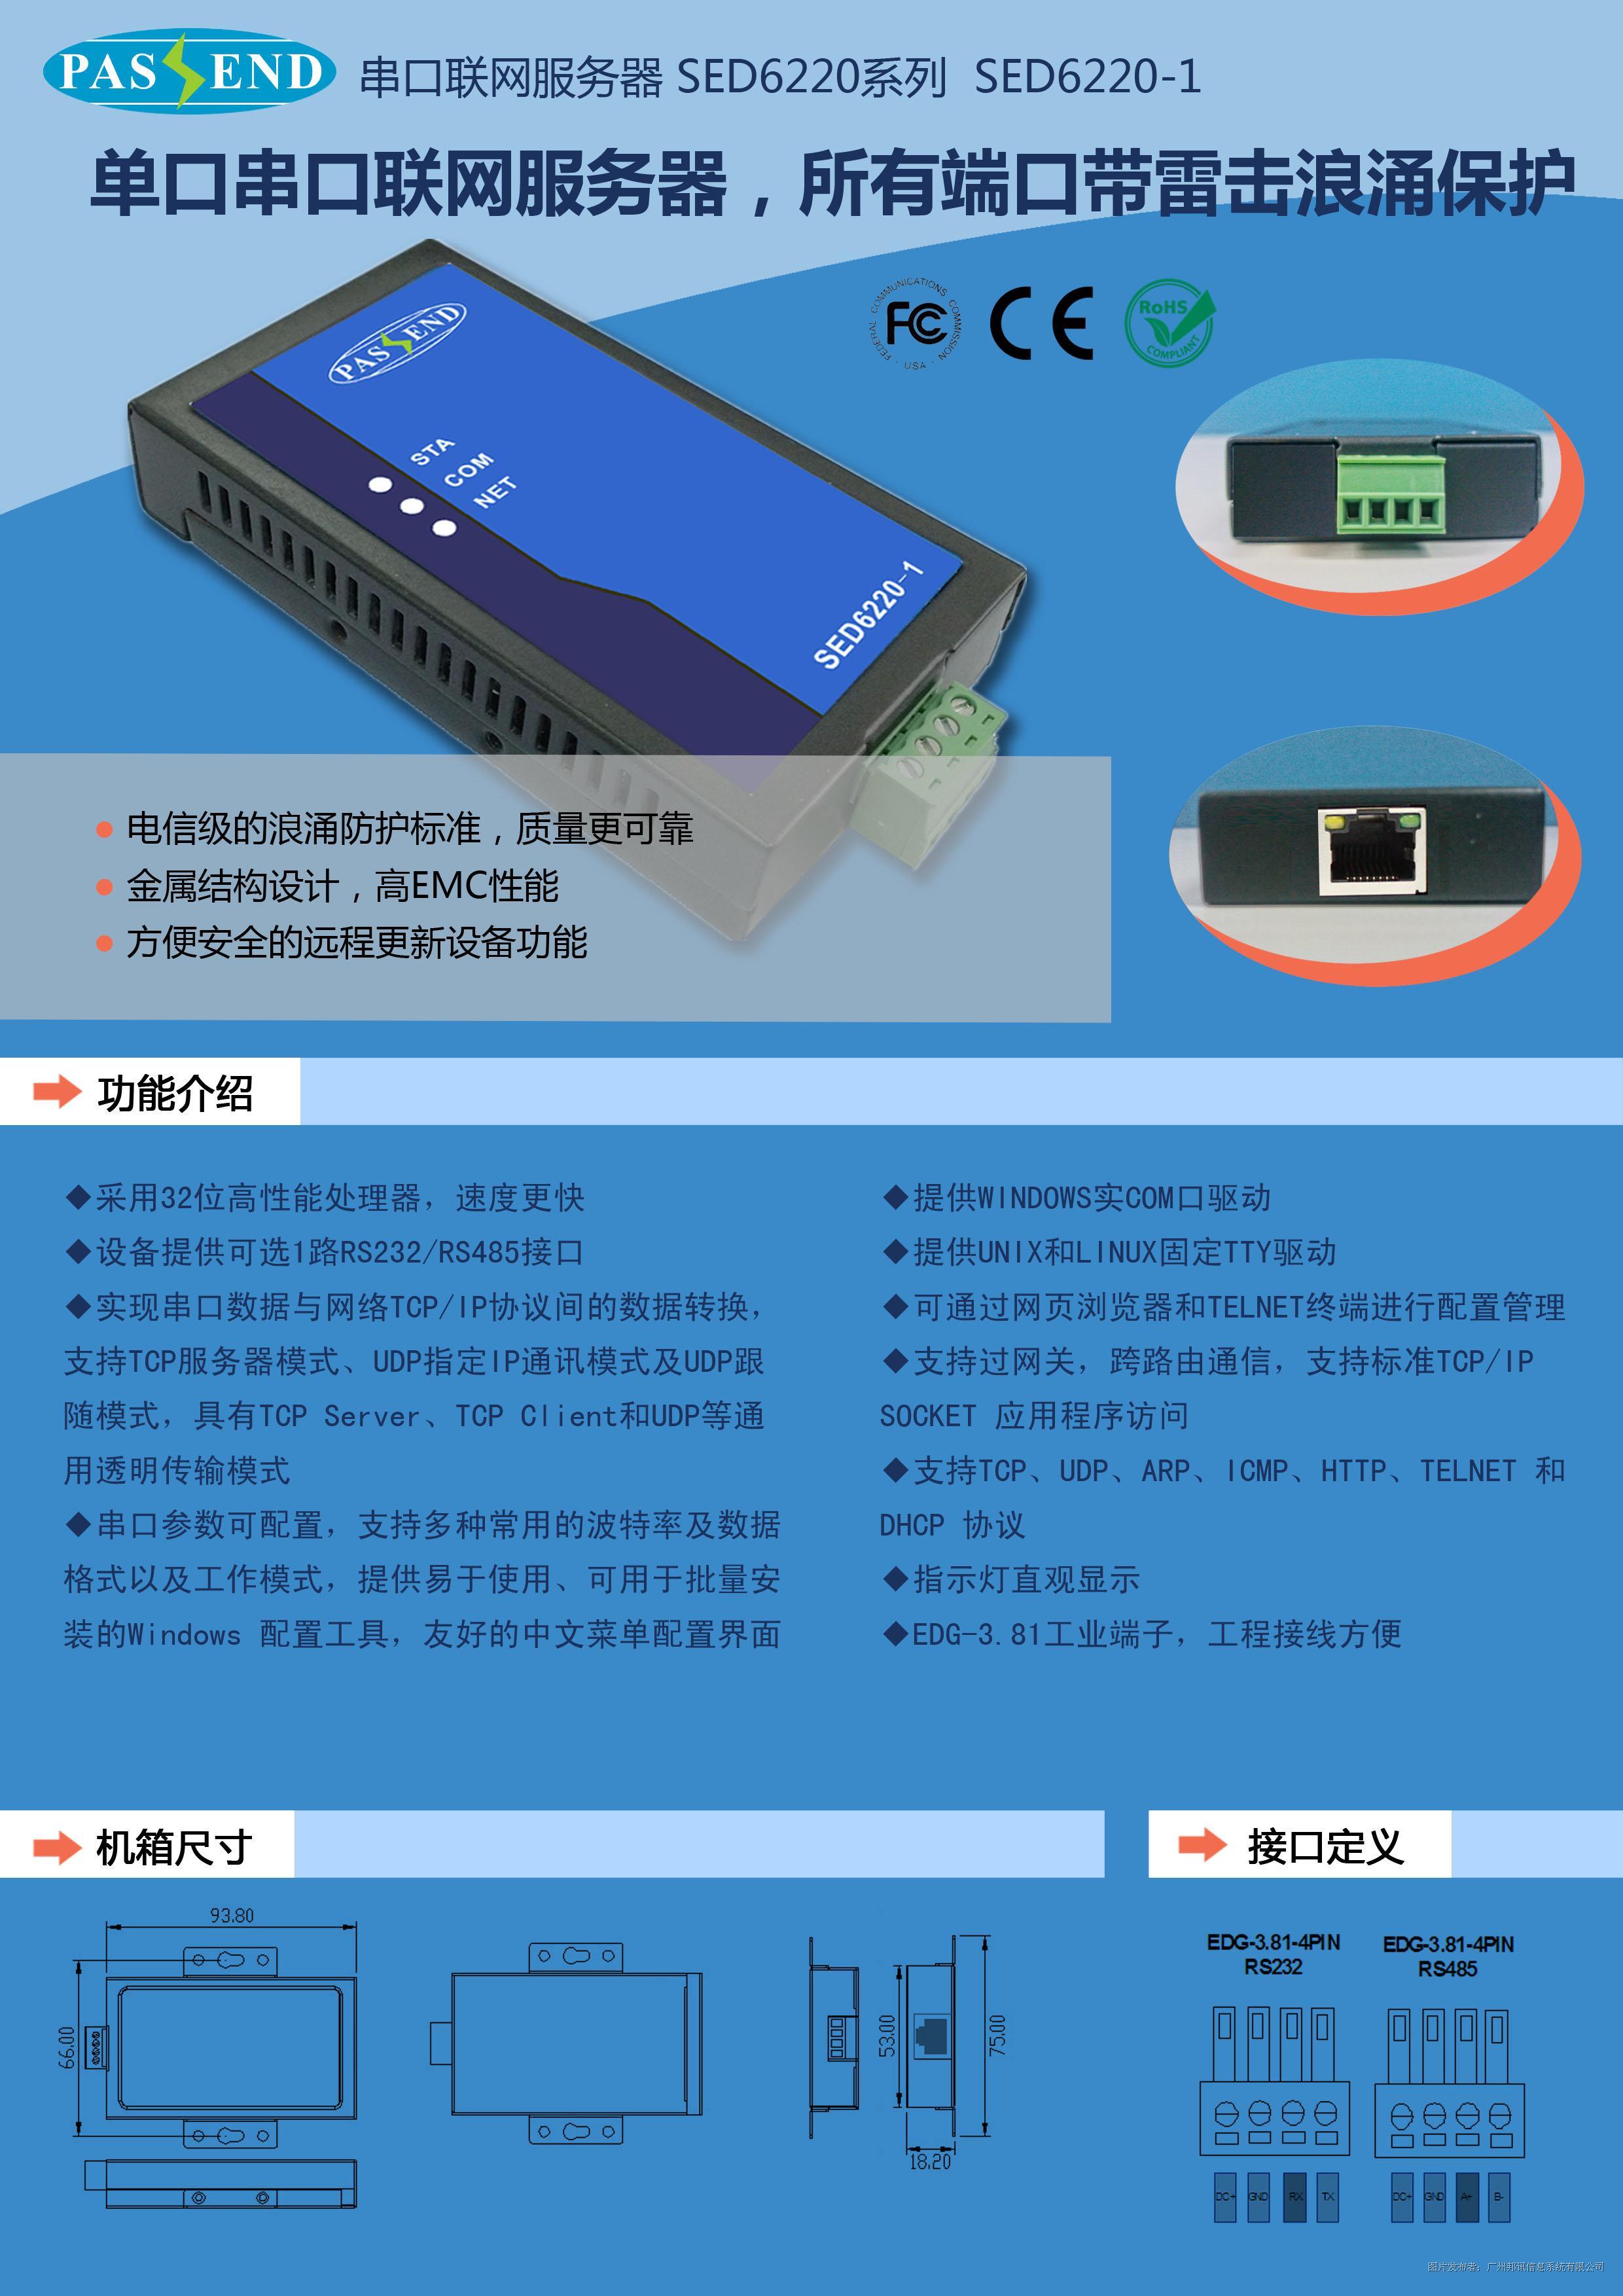 功能介绍: ?采用32位高性能cortex处理器,速度更快。 ?设备提供可选1路RS232/RS485接口 ?实现串口数据与网络TCP/IP协议间的数据转换,支持TCP服务器模式、UDP指定IP通讯模式及UDP跟随模式,具有TCP Server、TCP Client和UDP等通用透明传输模式。 ?各个串口参数可以单独设置,支持多种常用的波特率及数据格式以及工作模式,提供易于使用、可用于批量安装的Windows 配置工具,友好的中文菜单配置界面 ?